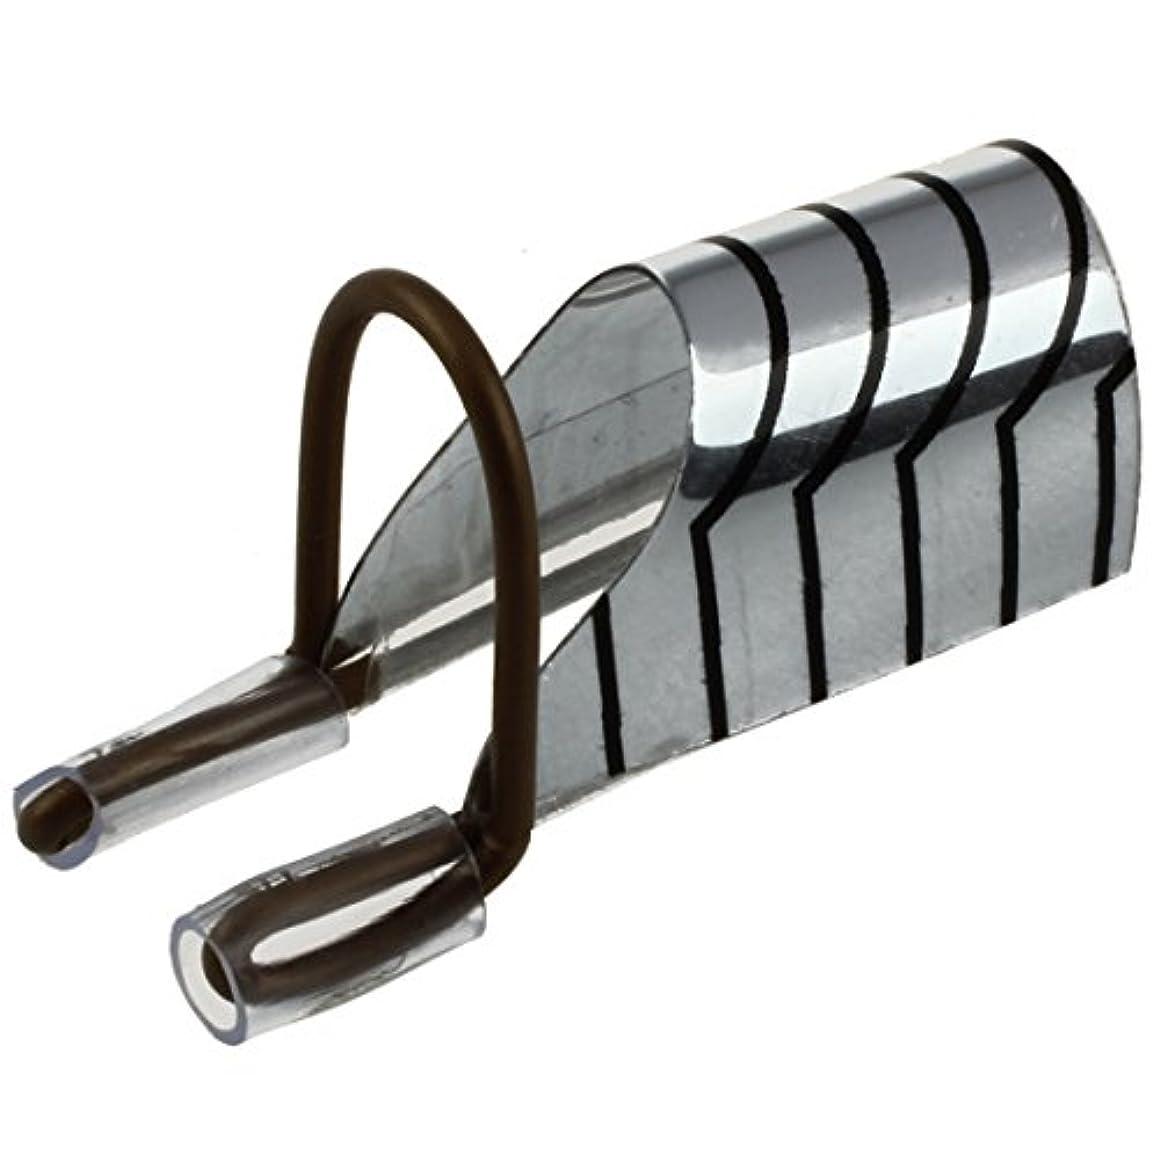 大使館セージ罪人SODIAL(R) 5個再利用可能なネイルアートフォームのUVジェルフレンチアクリルヒントプロテクターツール銀箔W/ ボックス